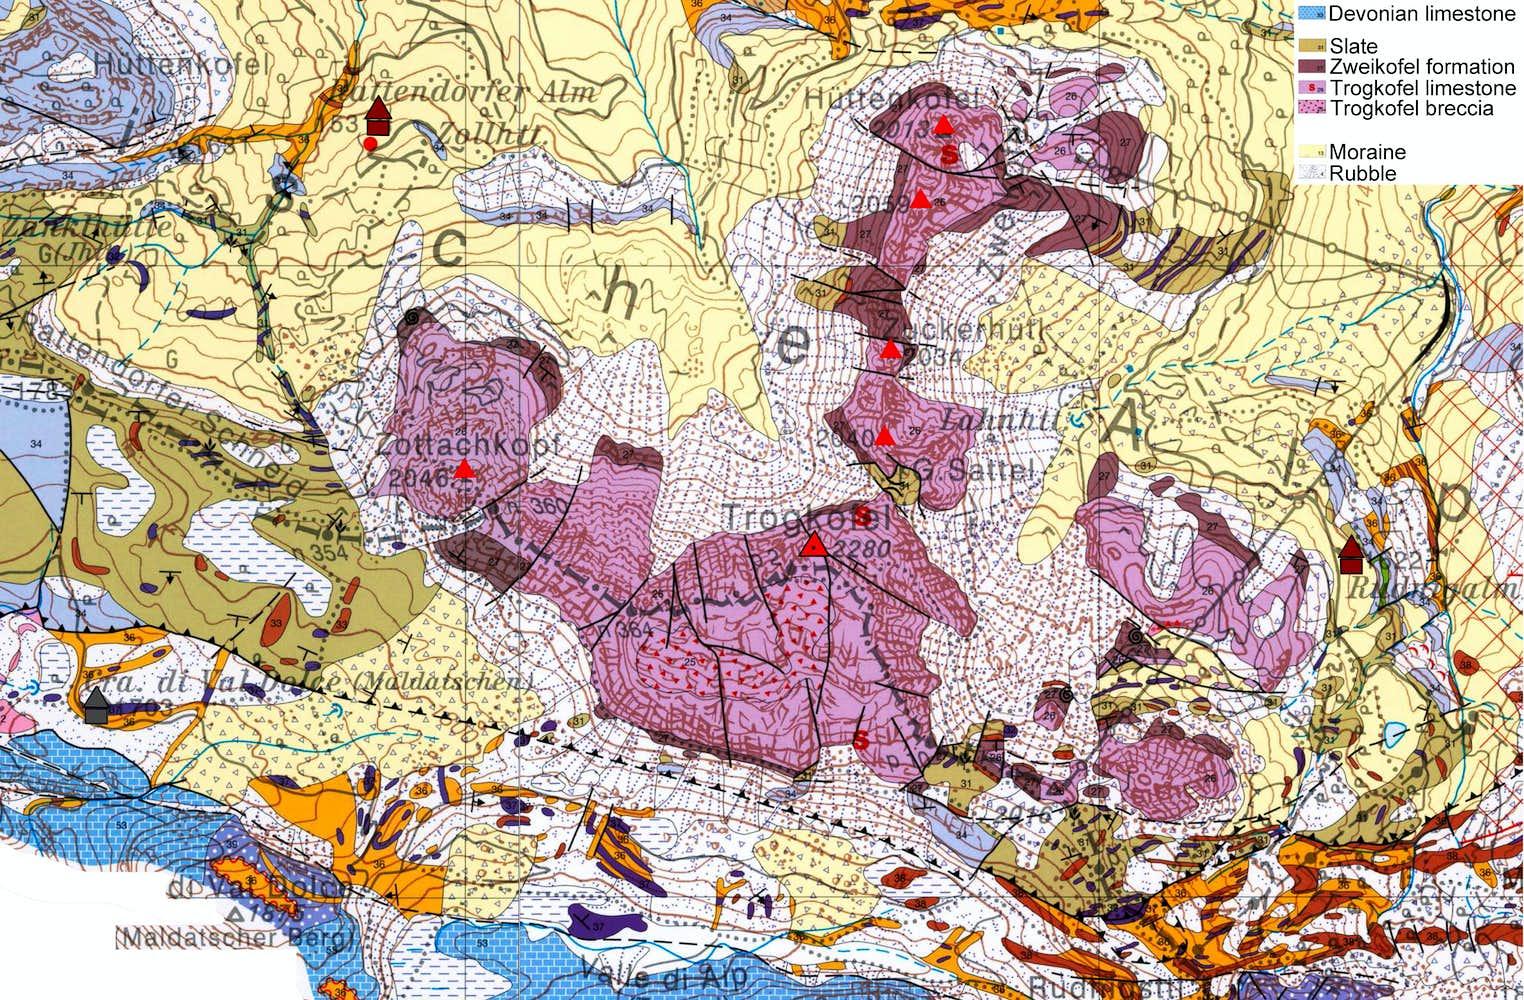 Trogkofel geology